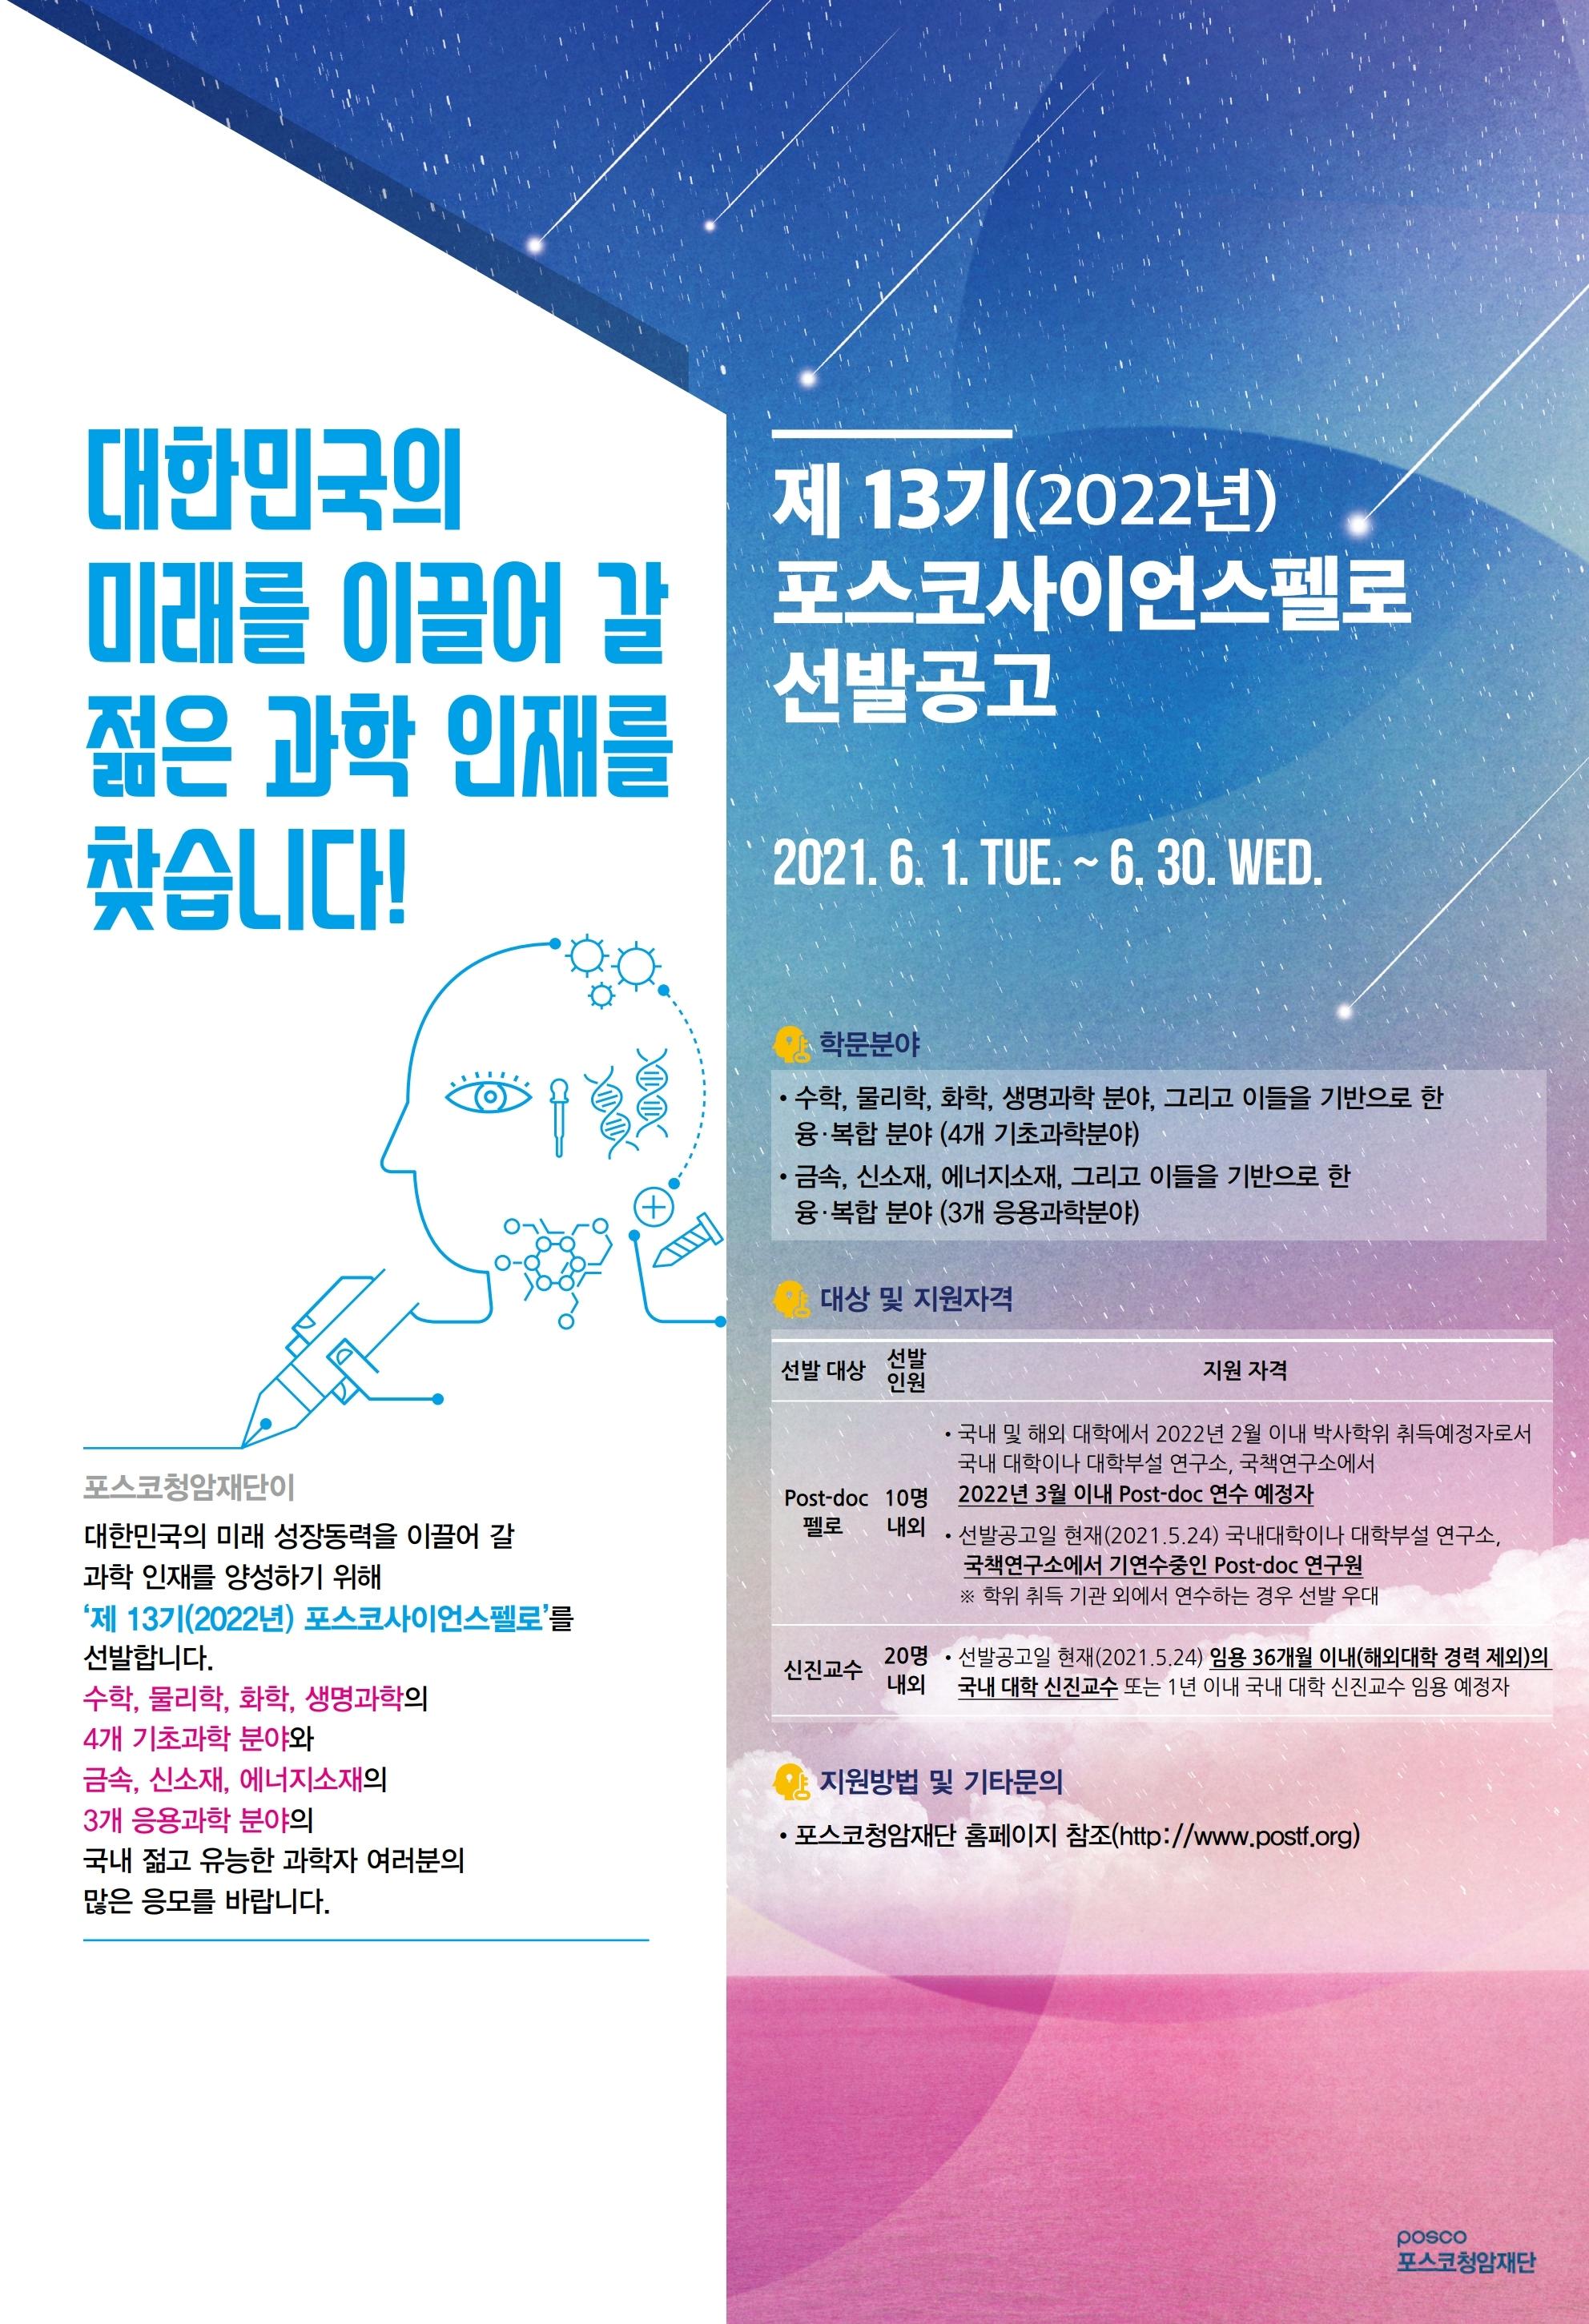 2022년13기포스코사이언스펠로 선발공고 포스터_최종.pdf_page_1.jpg